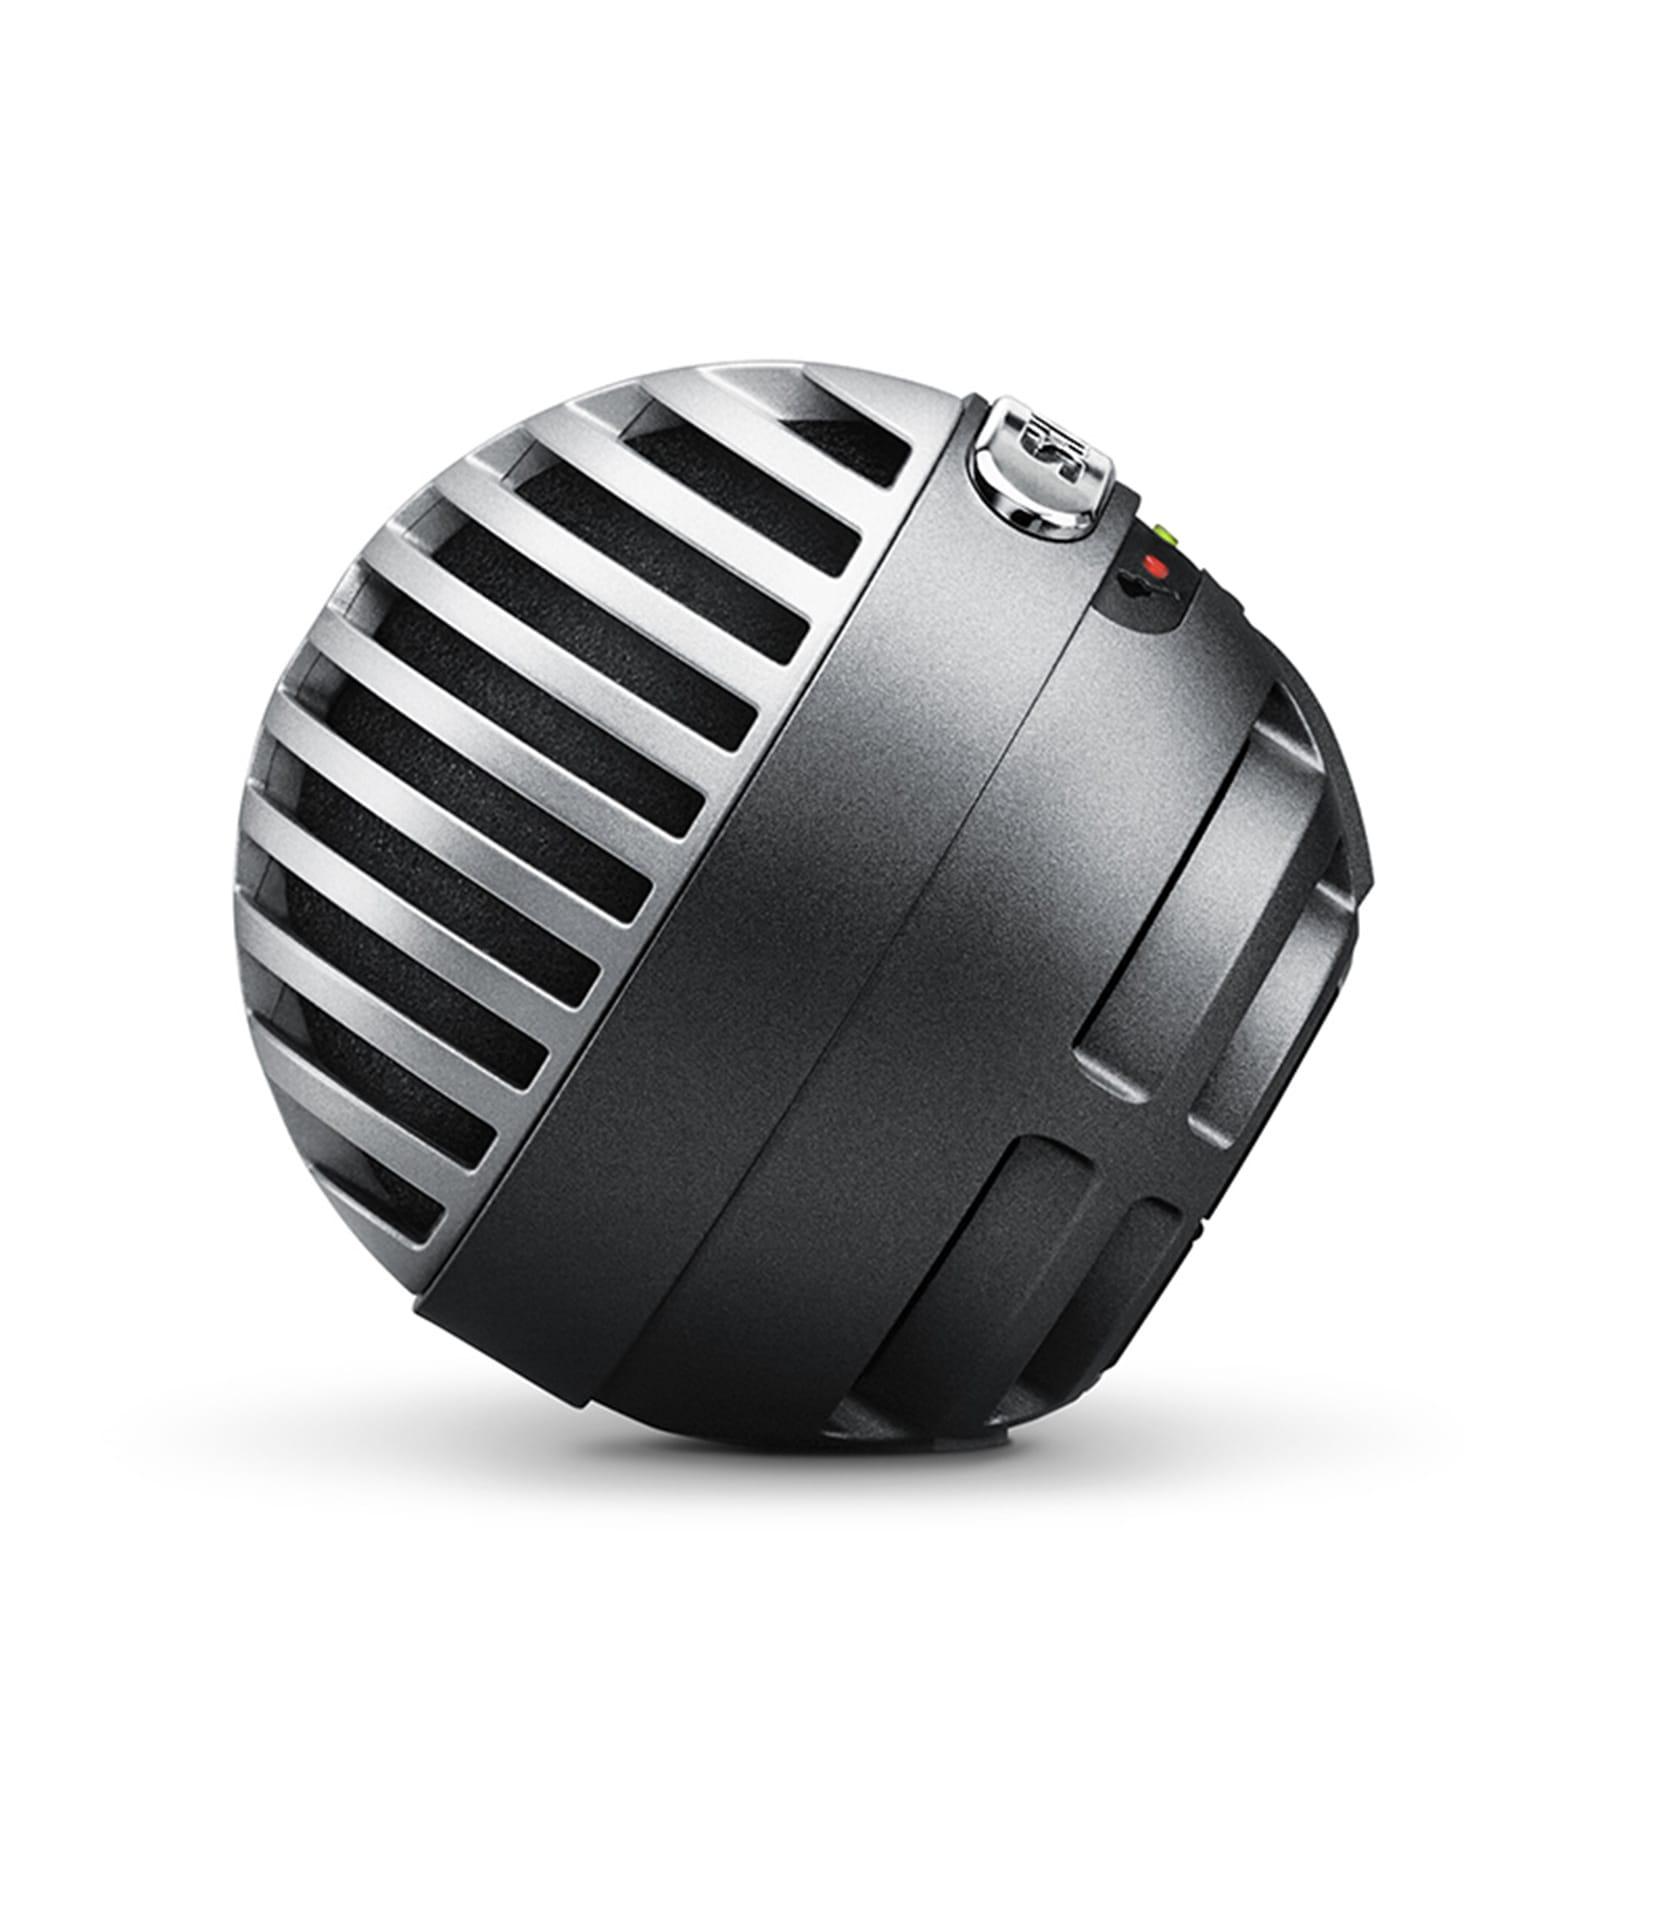 MV5 LTG Digital condenser microphone Grey - Buy Online